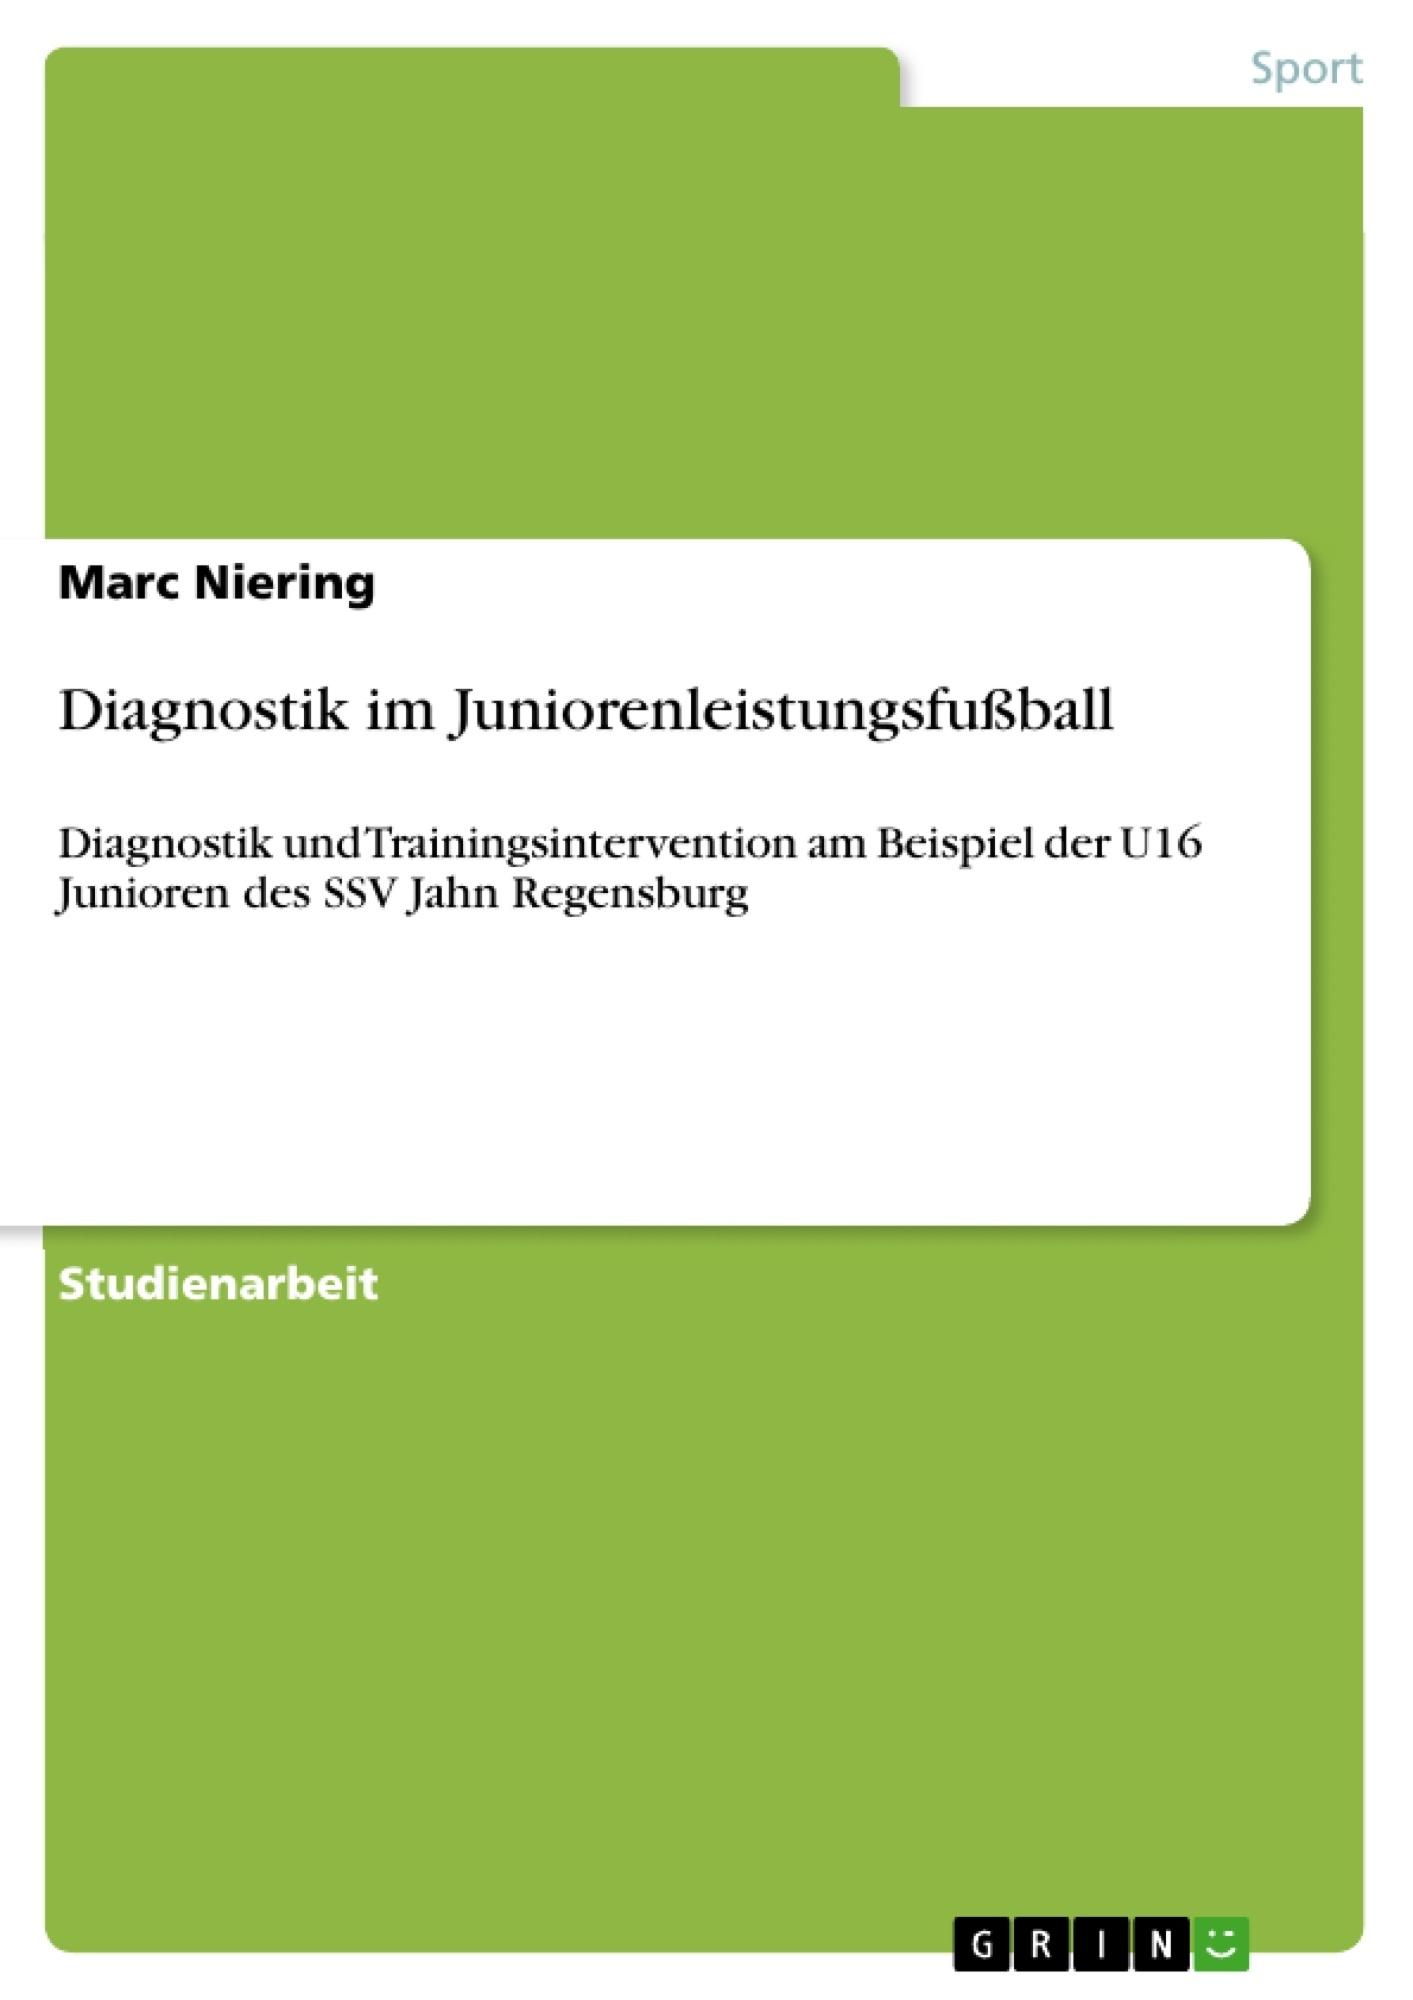 Titel: Diagnostik im Juniorenleistungsfußball